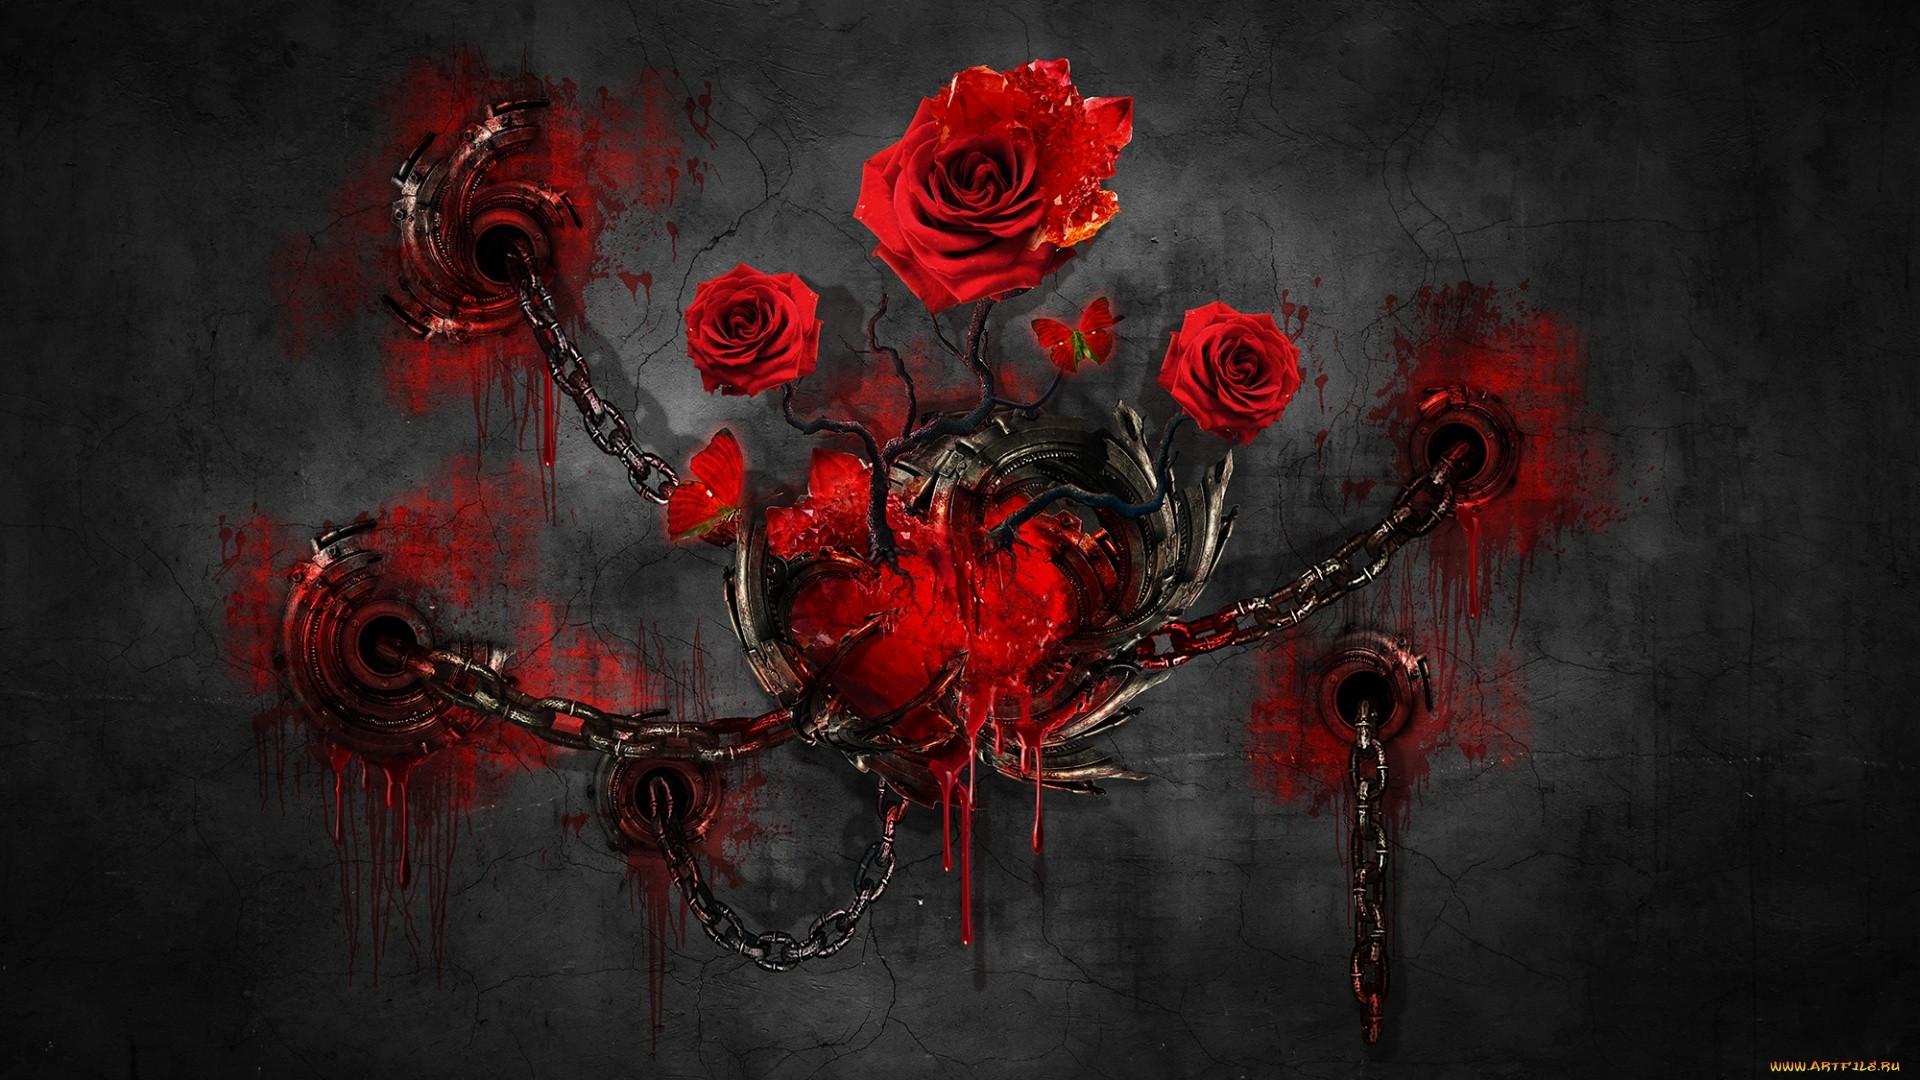 Dead Rose PC Wallpaper HD